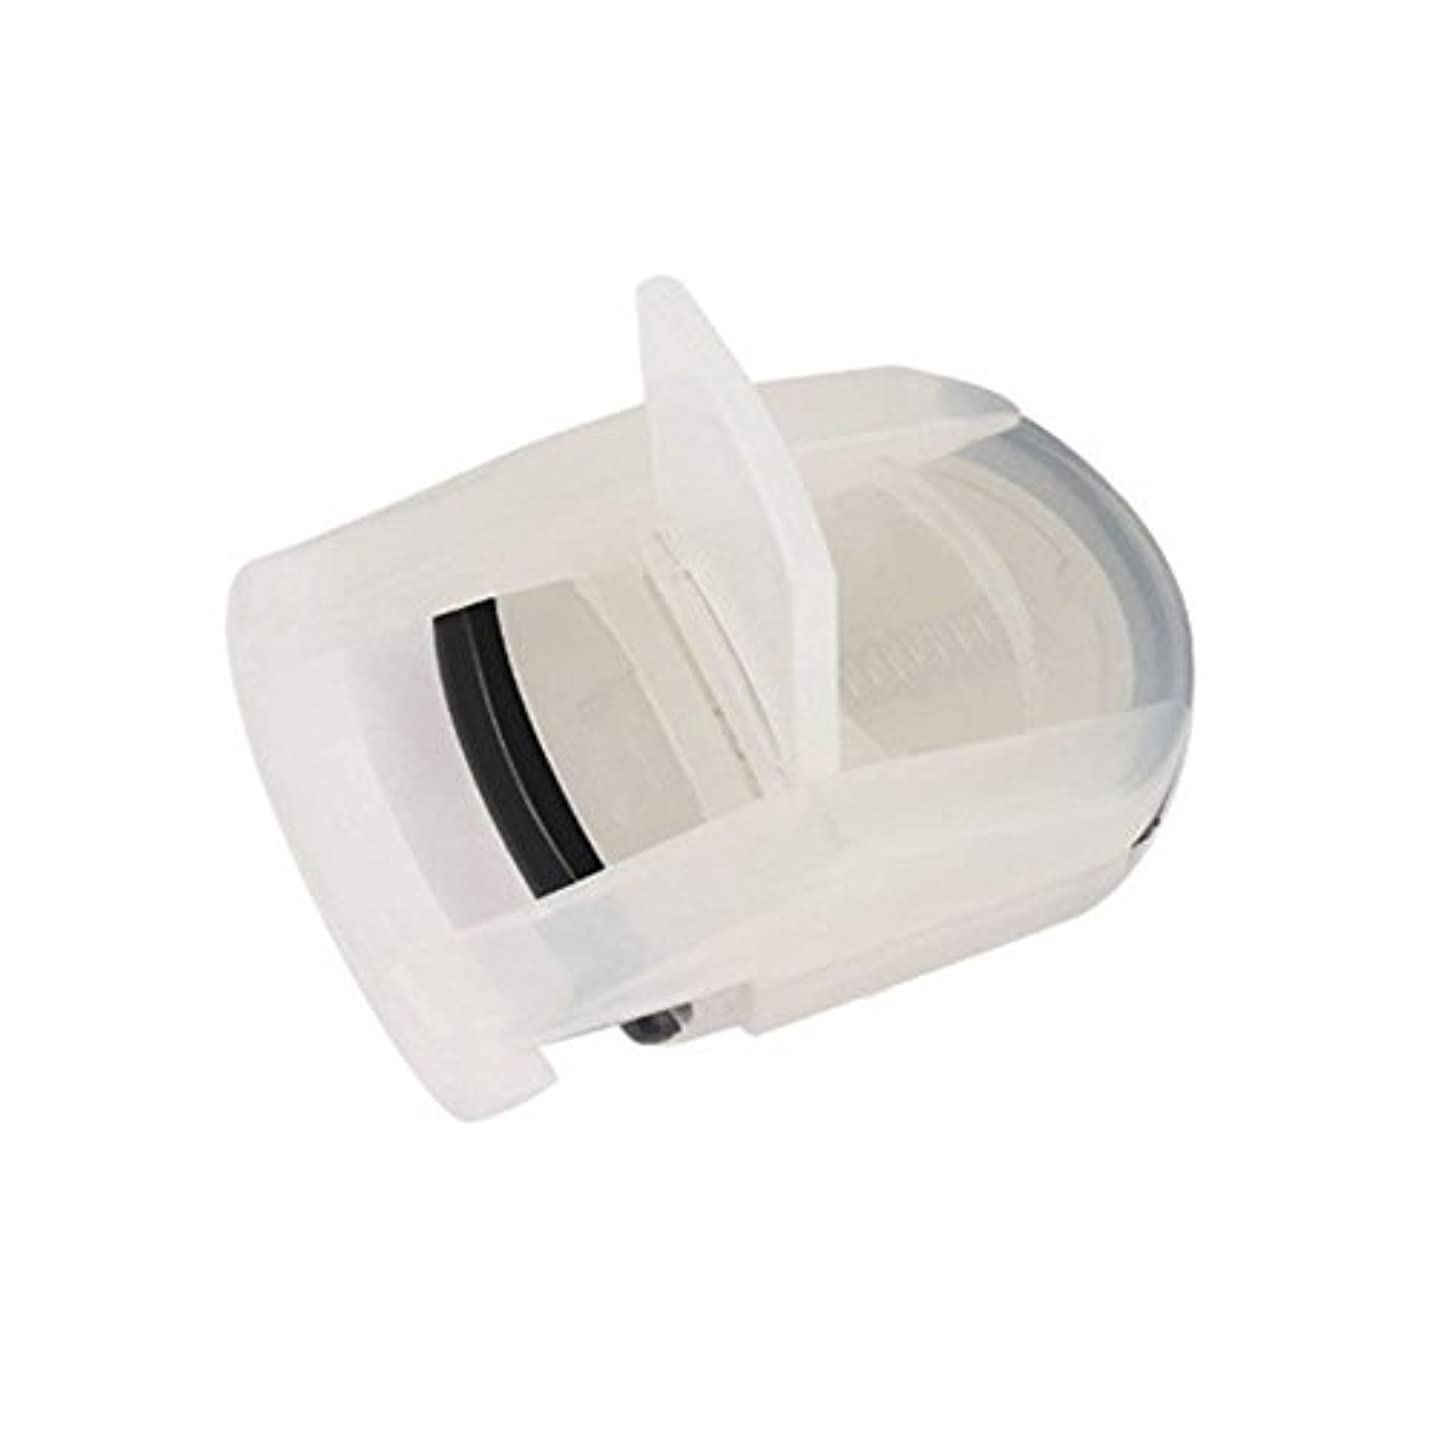 山の奥 アイラッシュカーラー ビューラー カーラー 化粧 高級感 まつげを扇状 携帯用